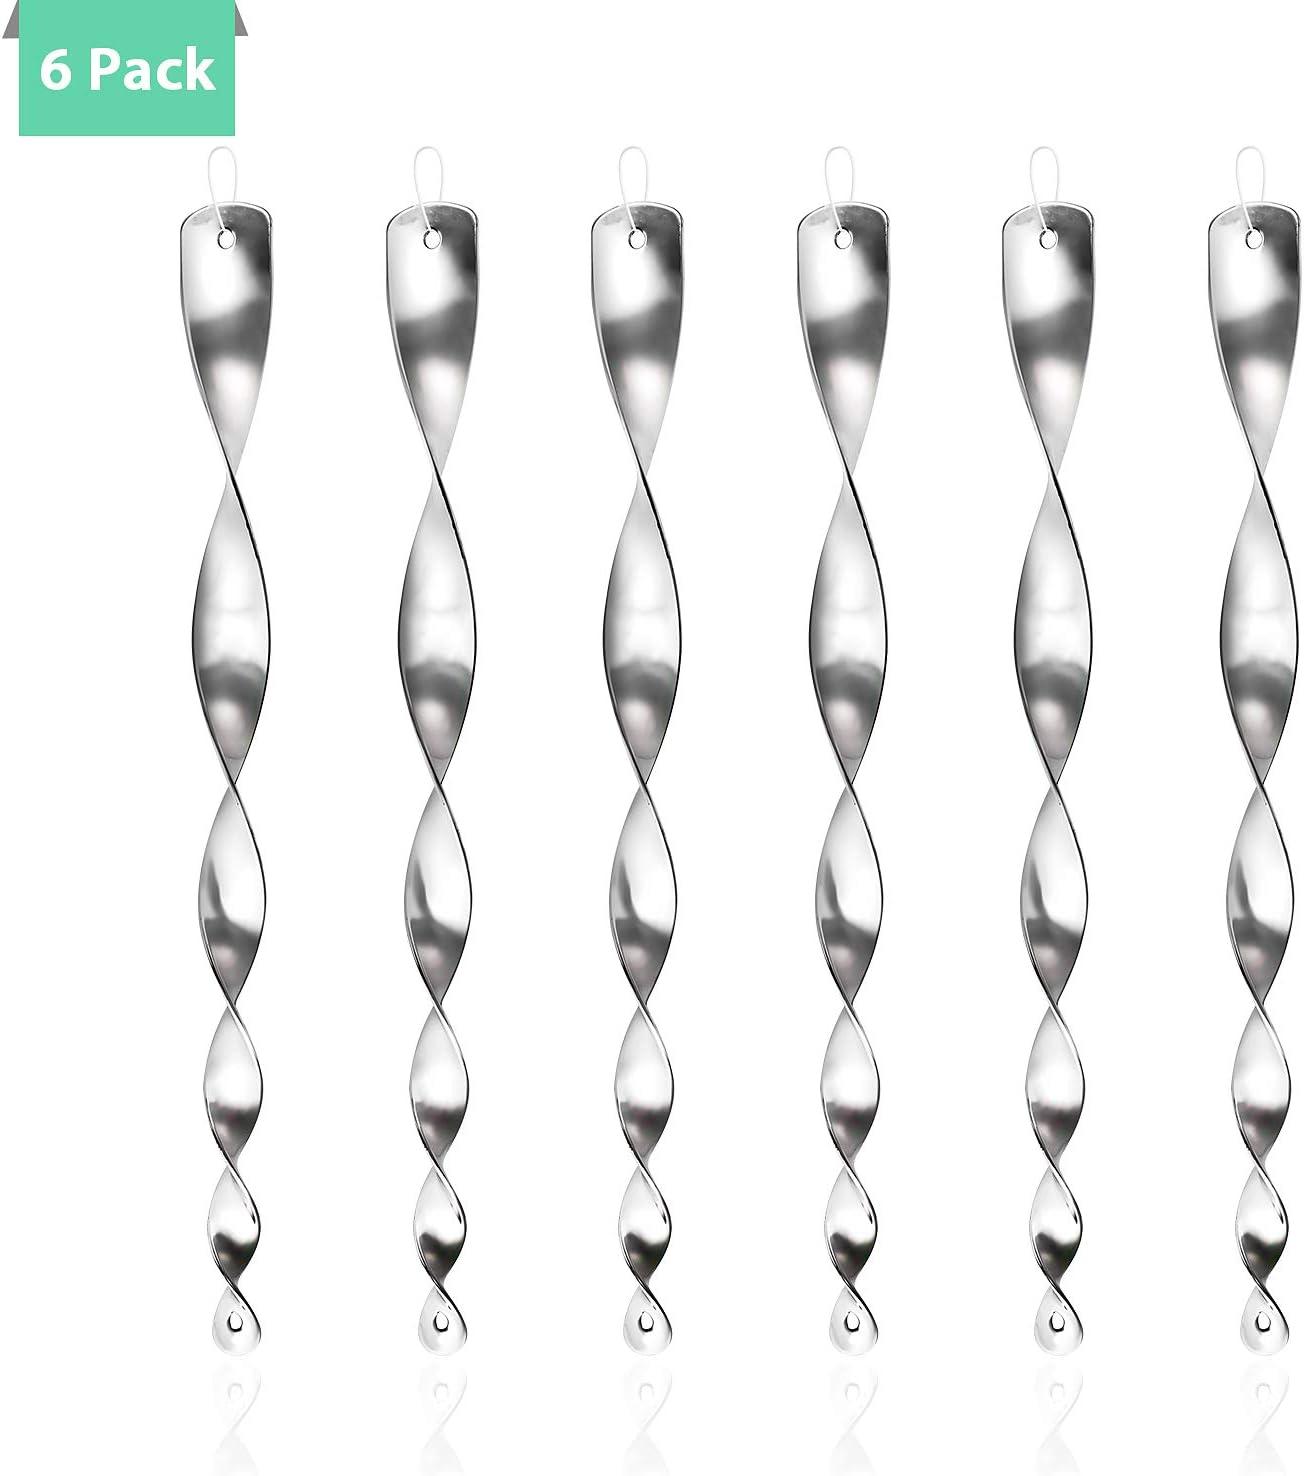 [Juego de 6] Espiral de Viento Plateado Reflectante para Control de Aves, 30 cm Varillas Reflectantes Repelentes de Pájaros, para Evitar Que Las Aves Protejan Flores y Jardines